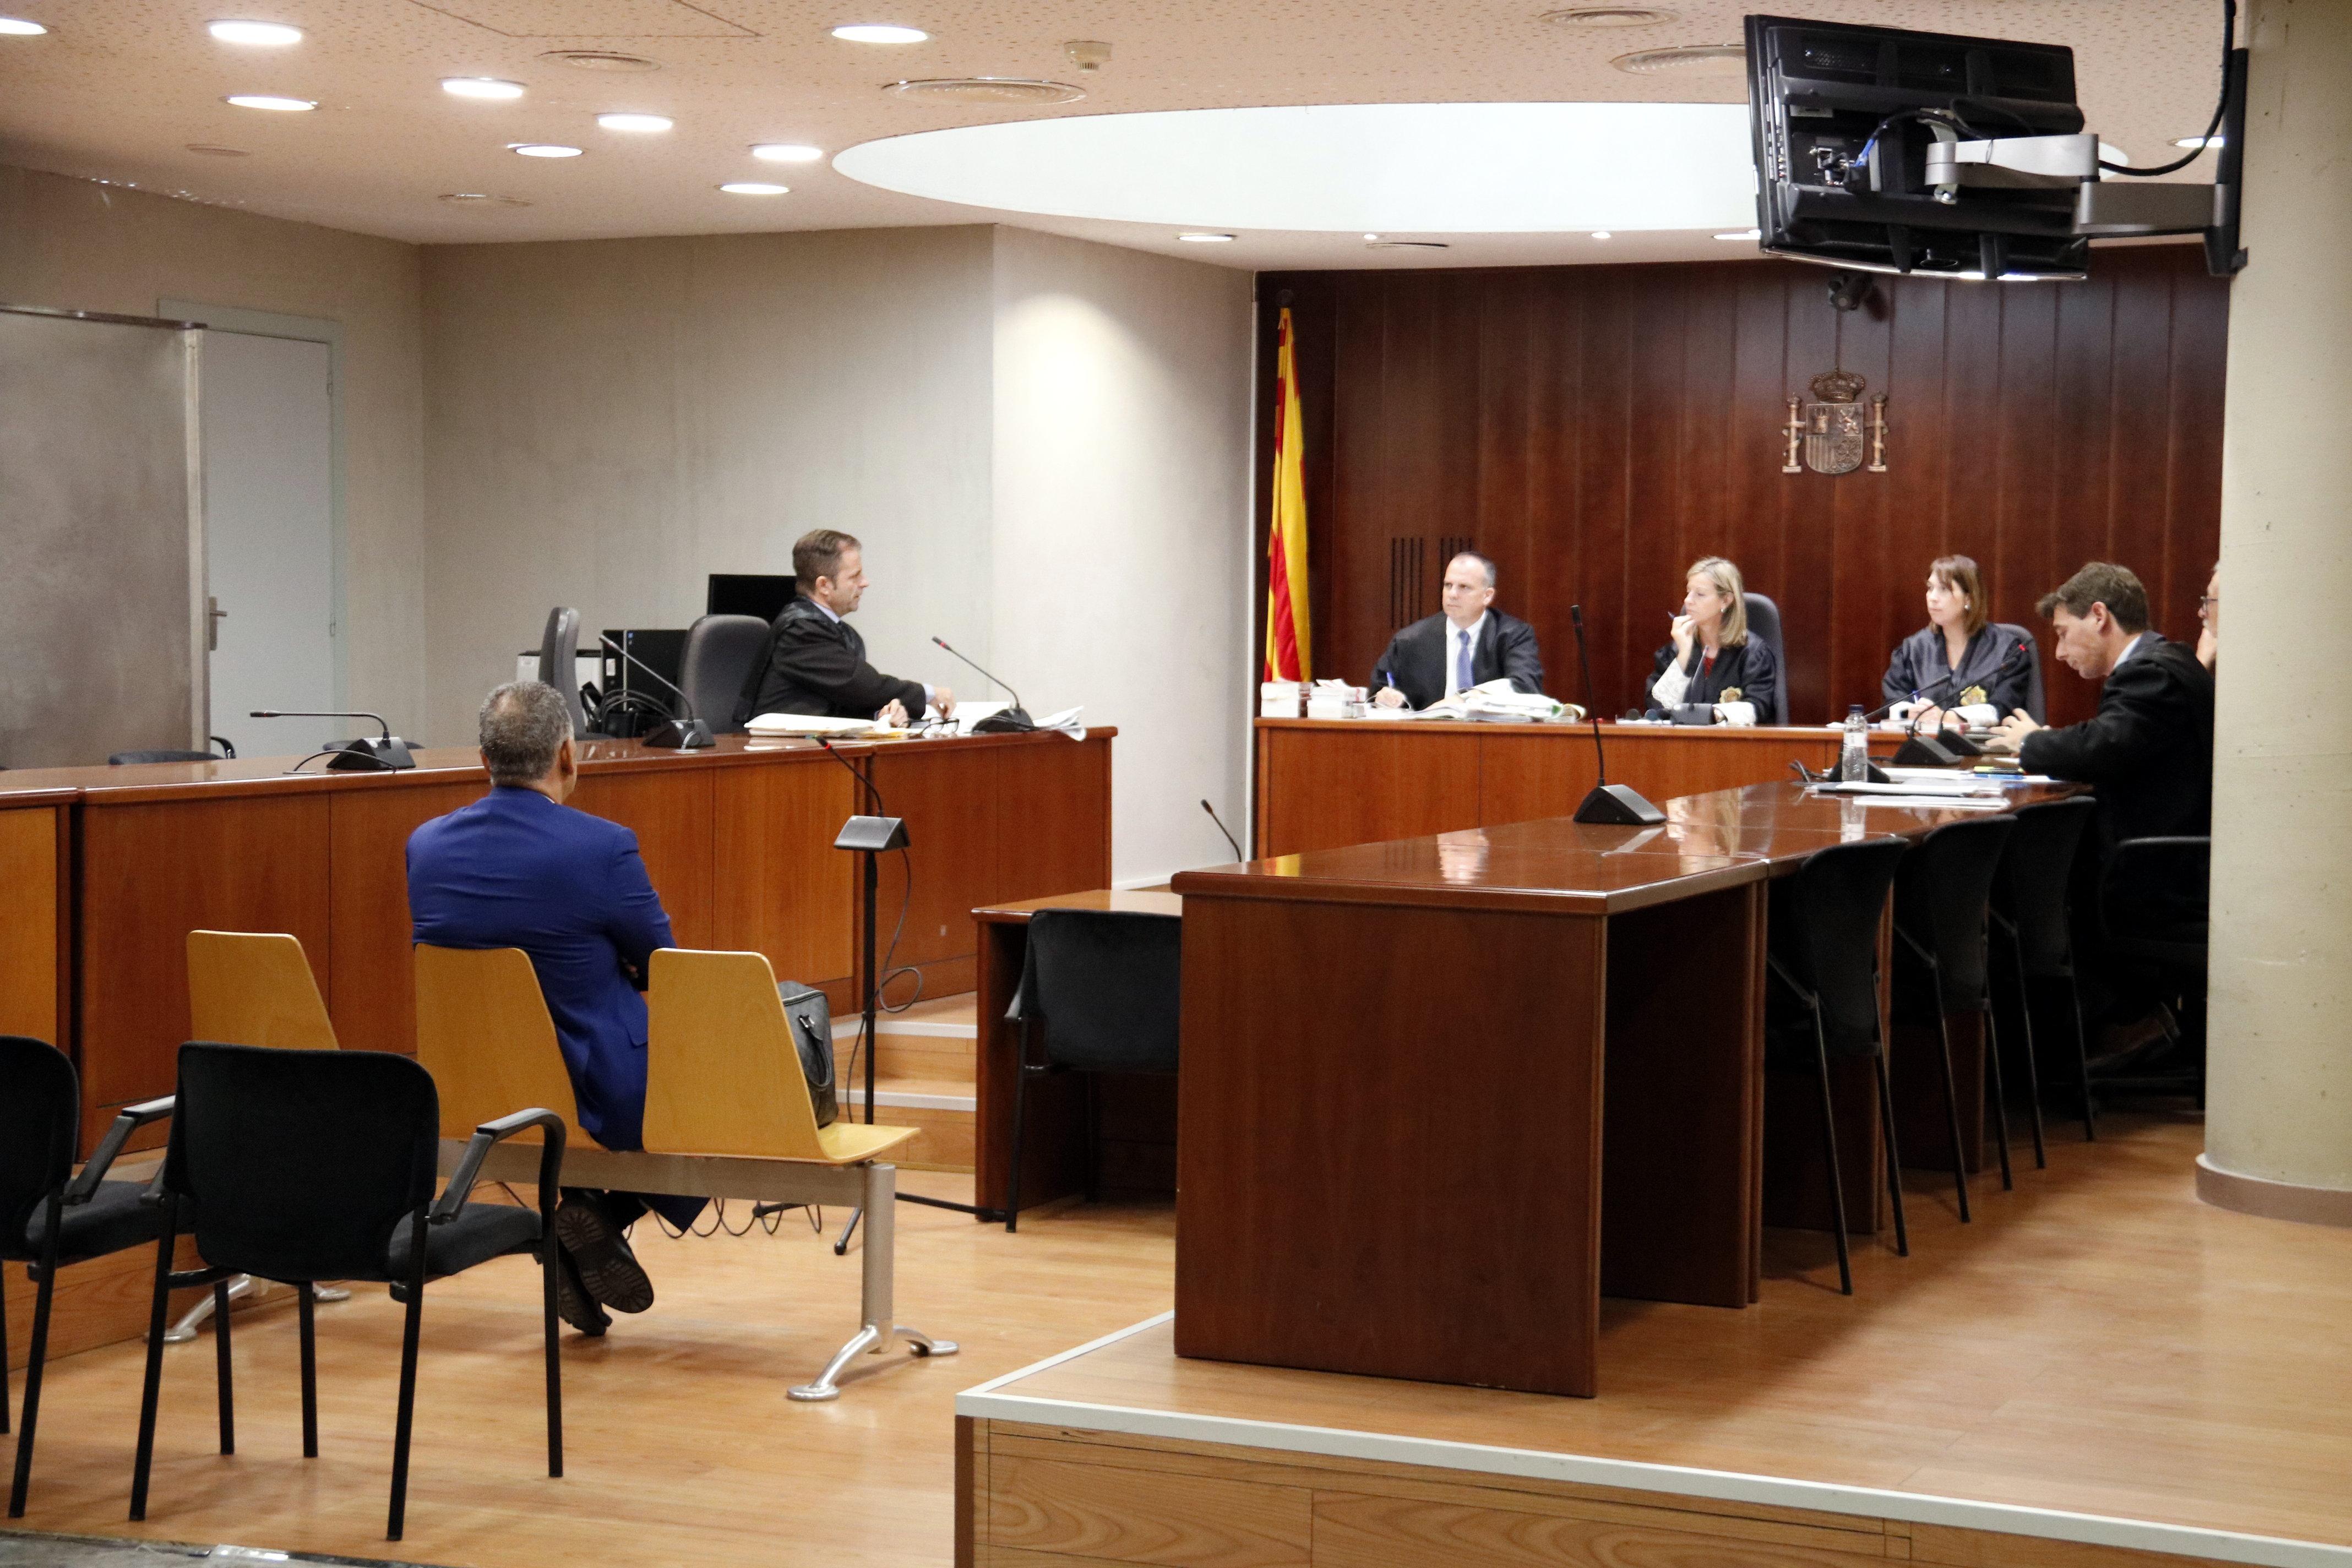 Ros Roca assegura que mai va acordar ni autoritzar una comissió de 2,4 milions de dòlars a una empresa dominicana